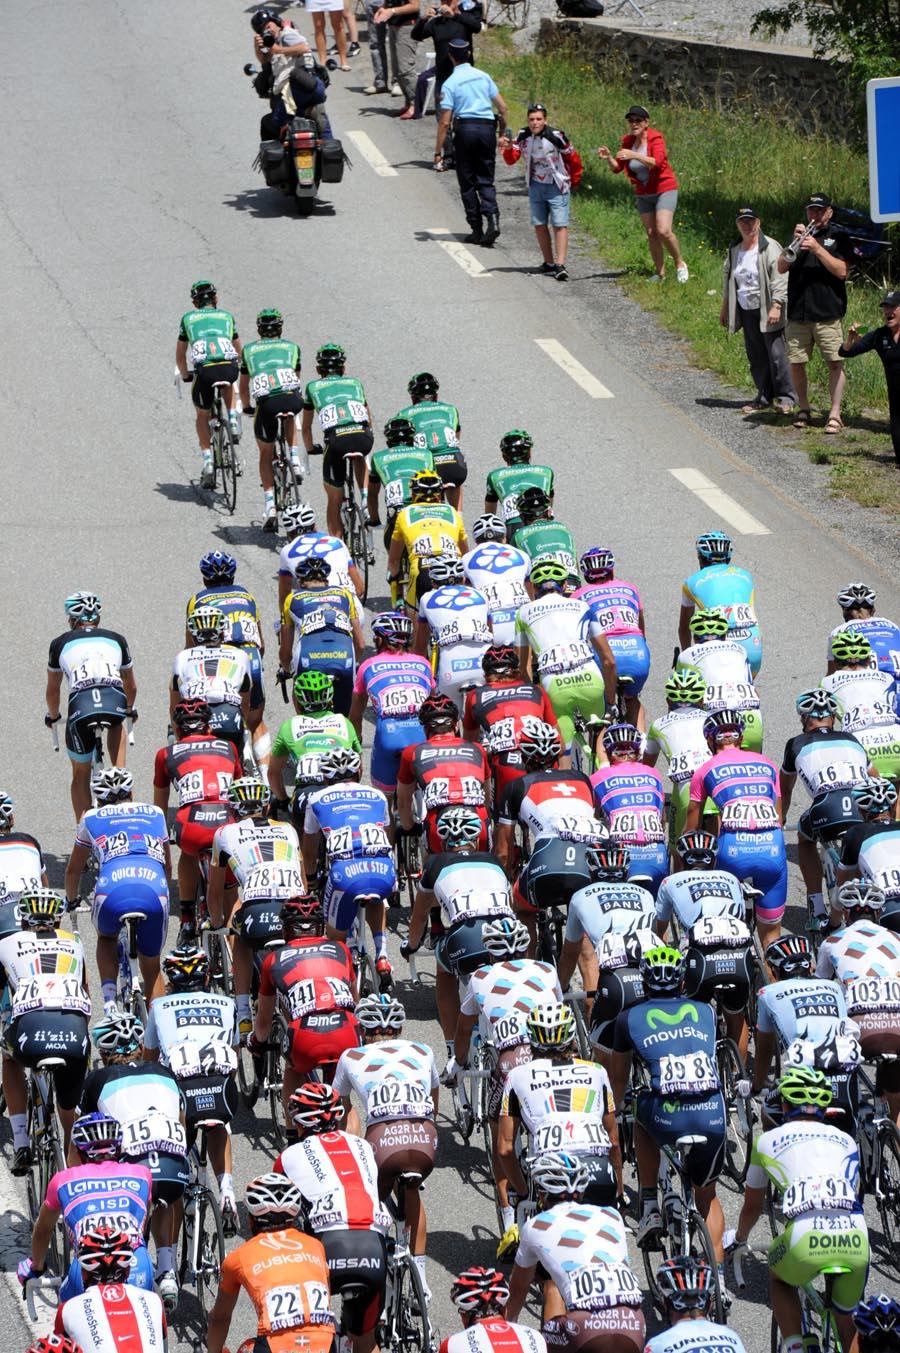 Peloton, Tour de France 2011, stage 17